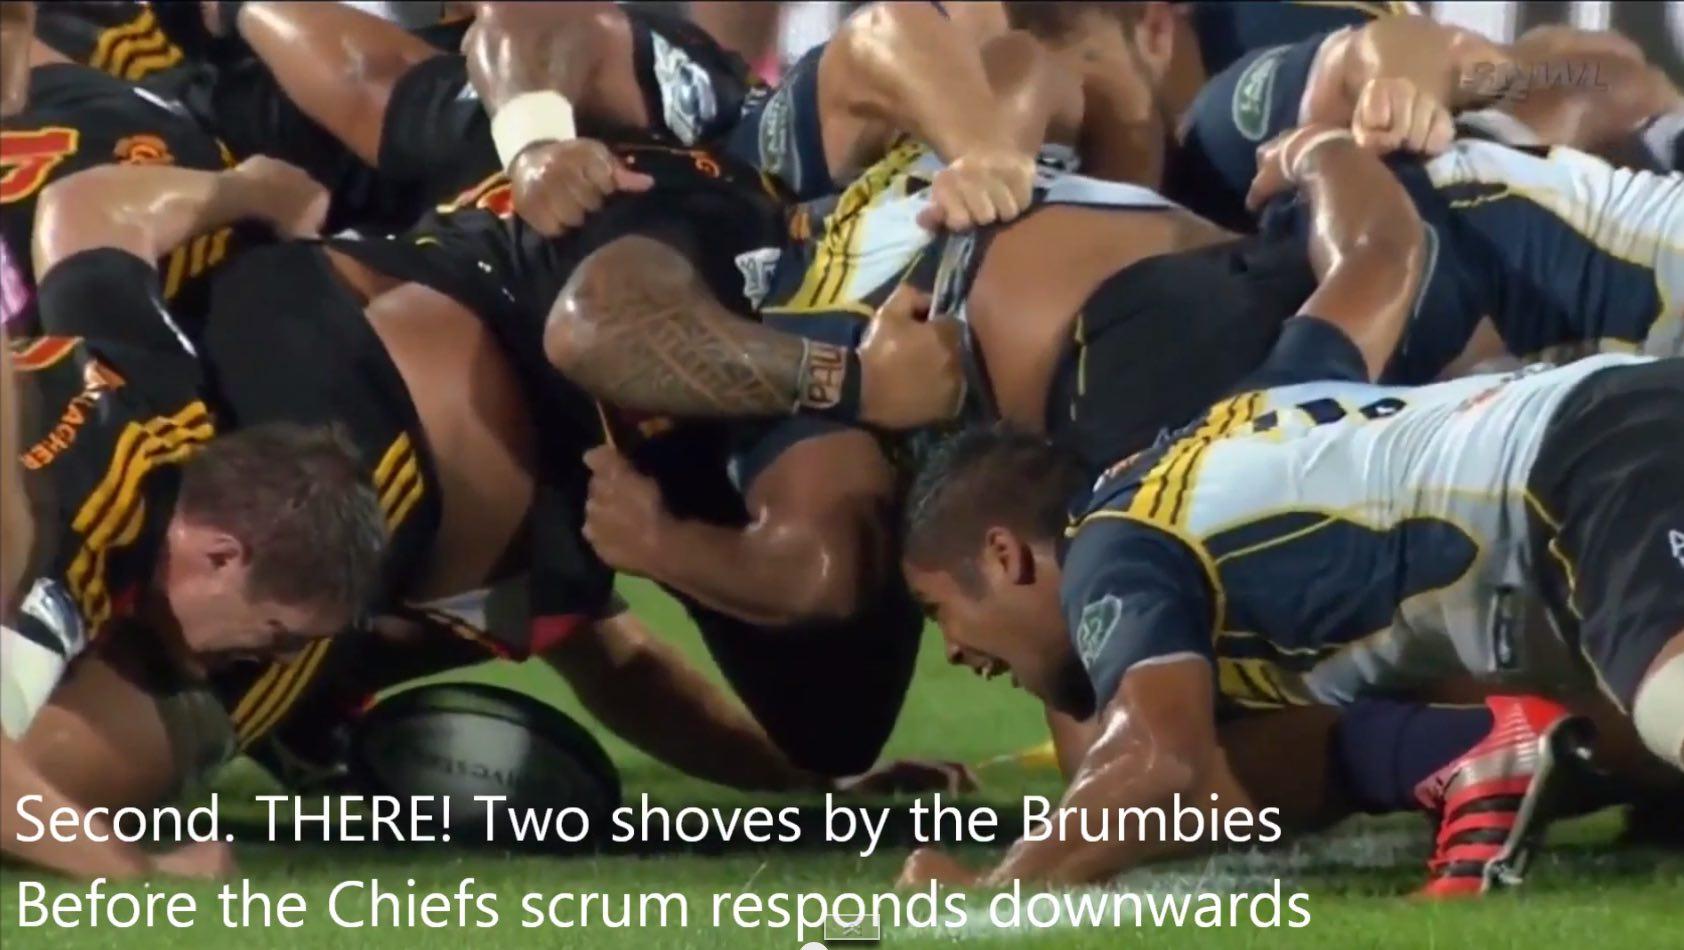 brumbies vs chiefs scrum